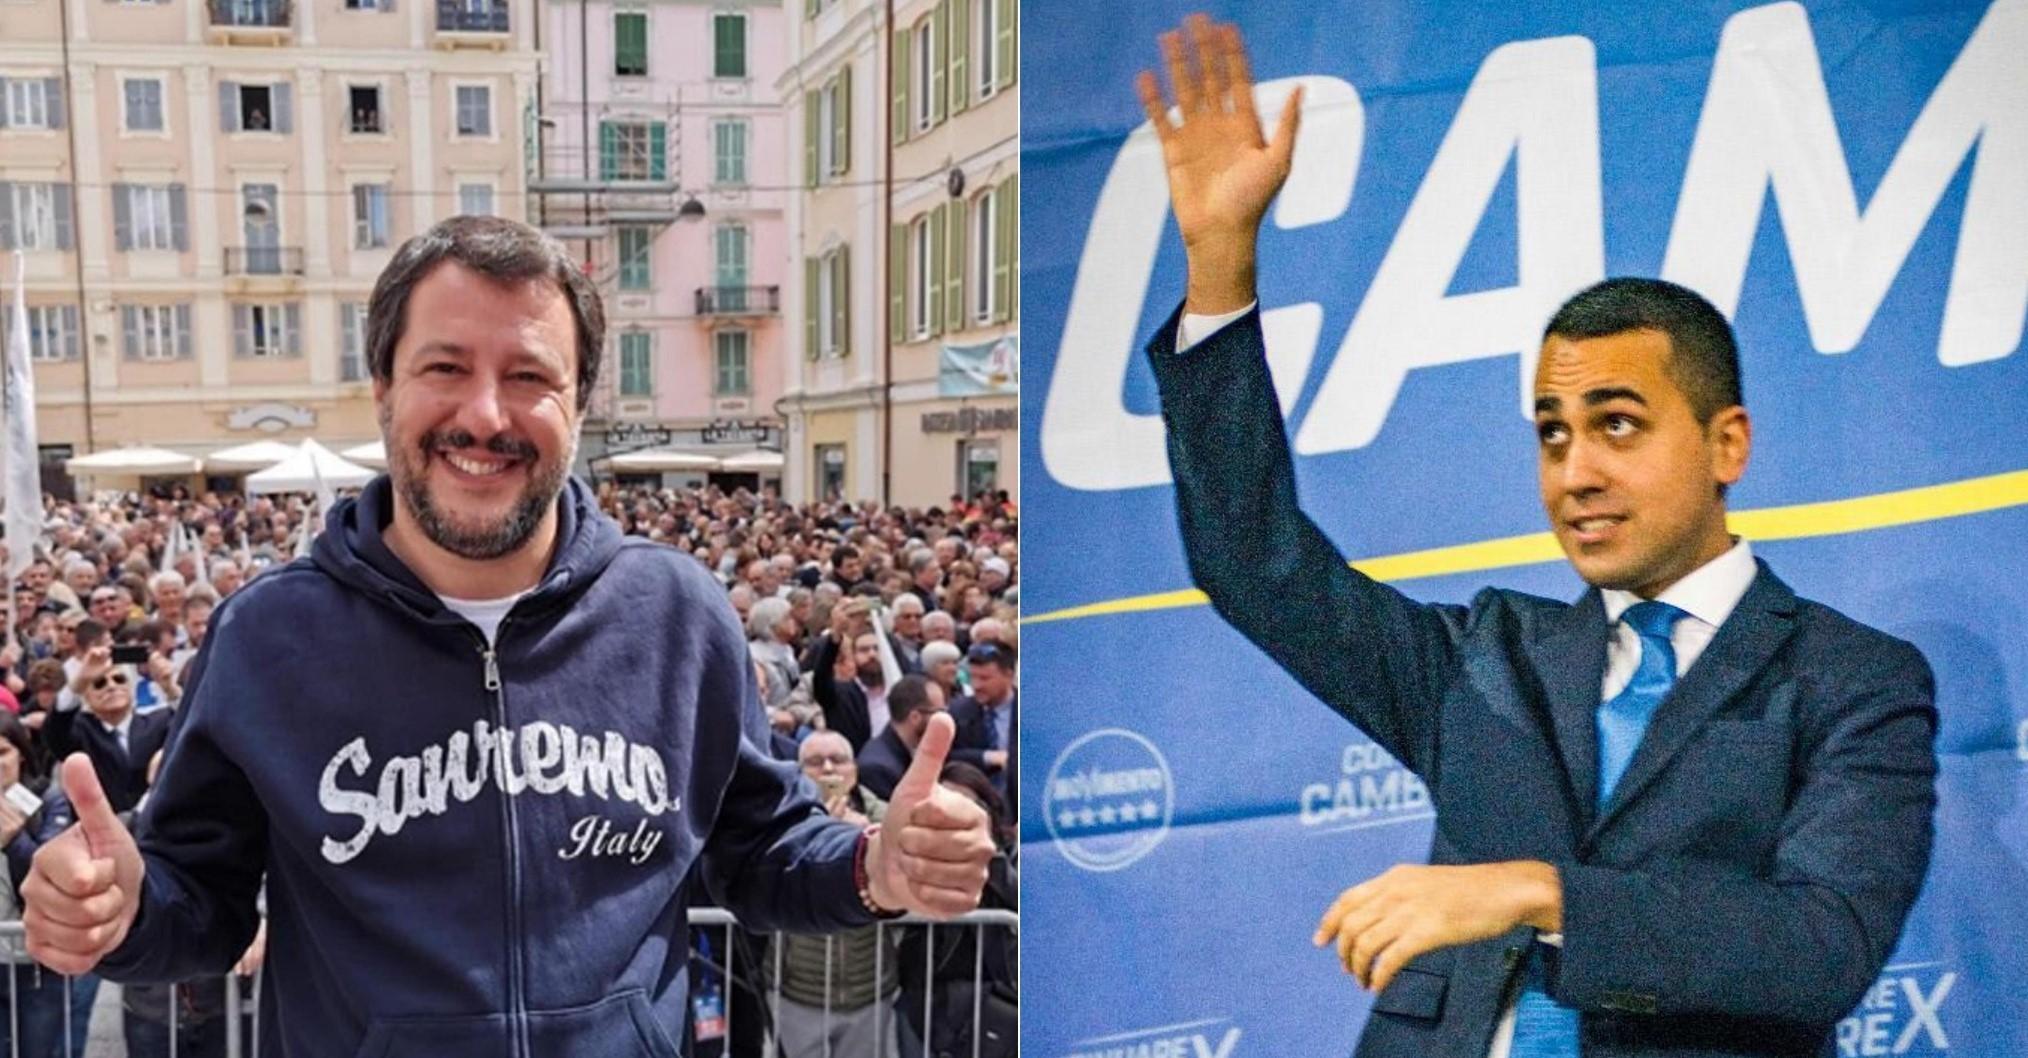 di Alessandro Campi Matteo Salvini ha scientificamente impostato la propria strategia mediatica sulla polarizzazione intorno alla sua persona. Un'elementare logica amico-nemico che in politica, specie quando latitano le idee e la voglia (o capacità) di fare, funziona sempre. I suoi avversari, specie della sinistra, sono caduti nella trappola e ne è dunque scaturita l'orrenda campagna elettorale cui stiamo assistendo: un crescendo parossistico di accuse e insulti nei suoi confronti (cos'altro si può dire ad un avversario dopo averlo definito un nazista che aspira alla dittatura?) ai quali corrispondono le contumelie da lui indirizzate ai suoi sempre più numerosi denigratori.